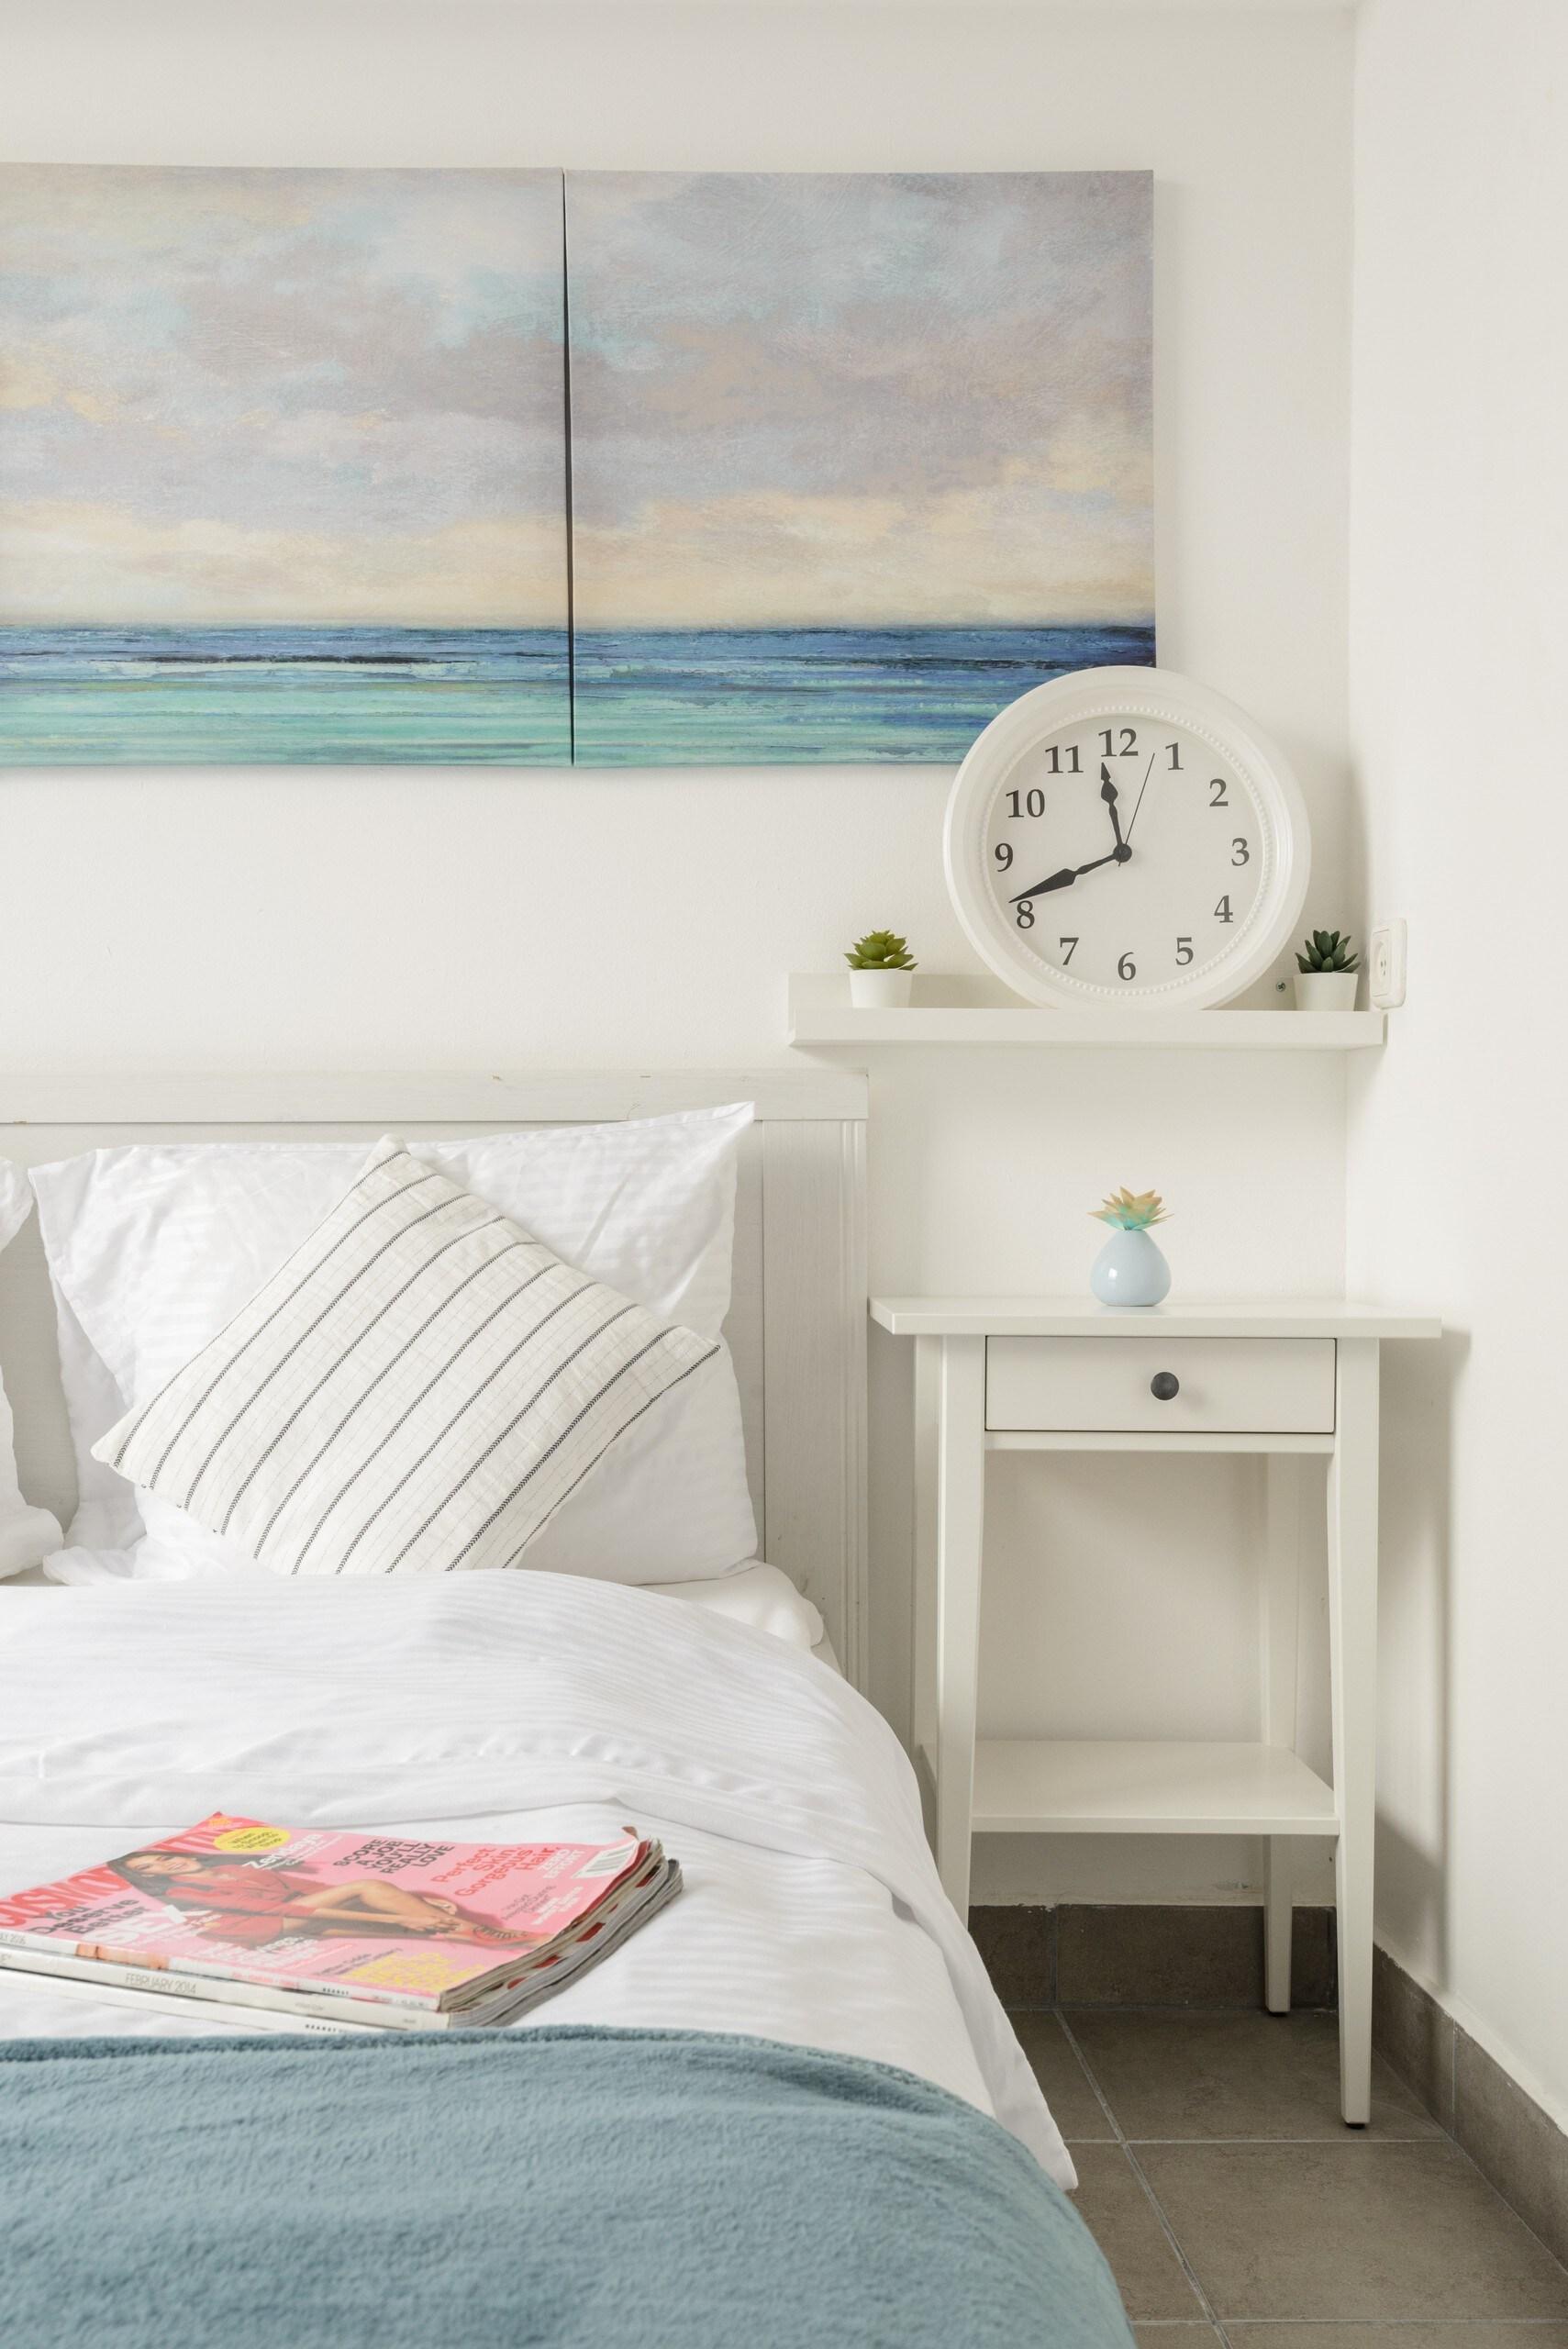 Apartment Sea View 2 bedroom apartment next to Hilton beach photo 21105531